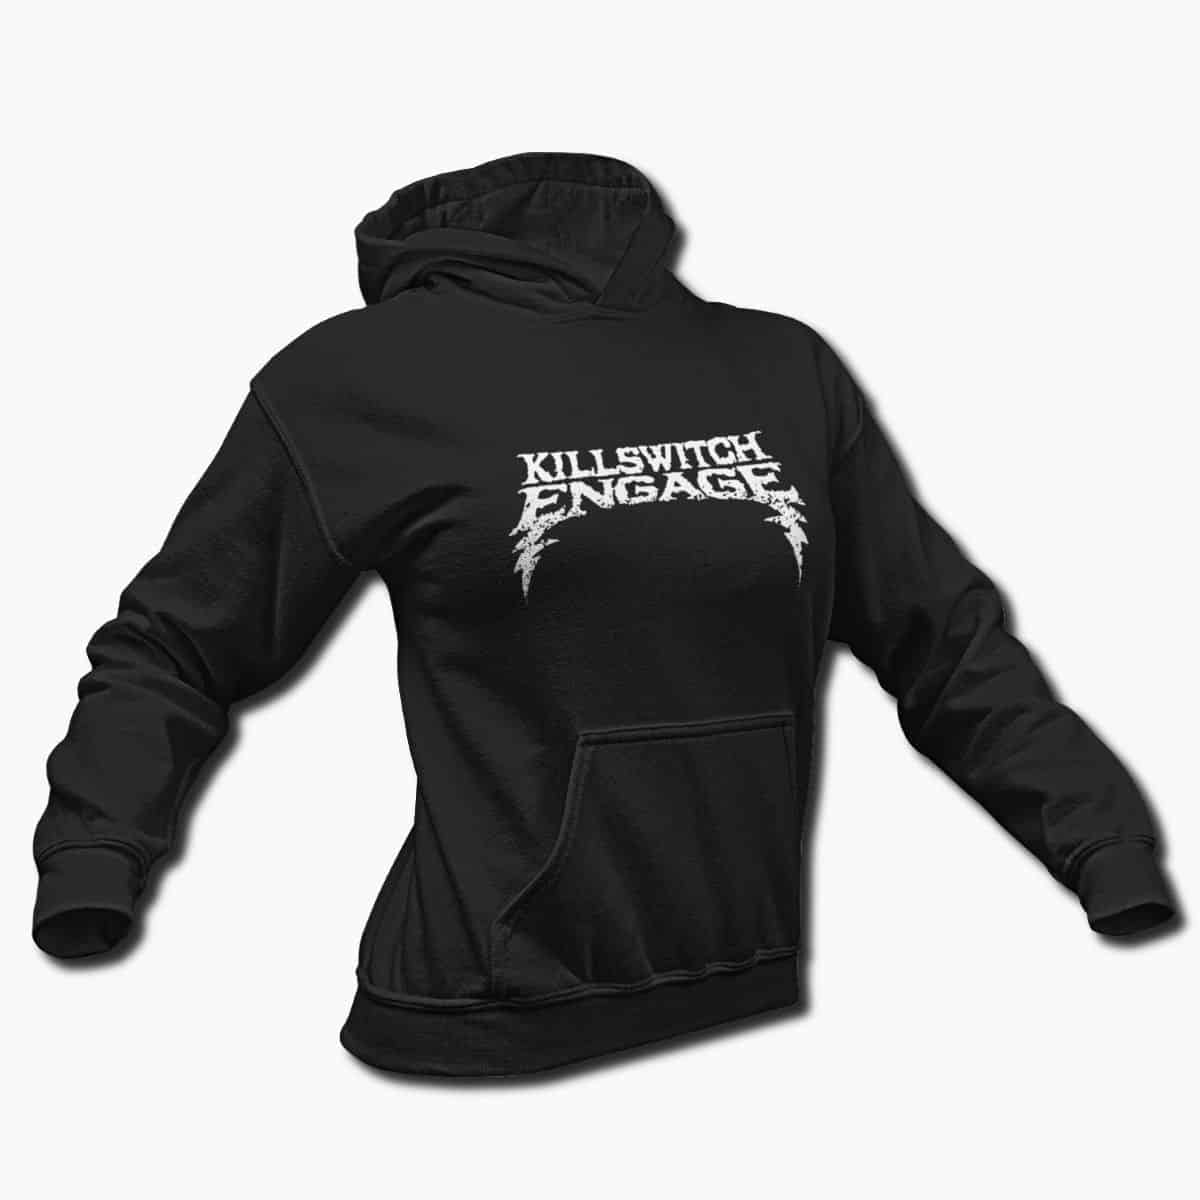 Killswitch Engage Band Hoodie, Killswitch Engage Logo Hooded Sweatshirt,  Metalcore Merchandise